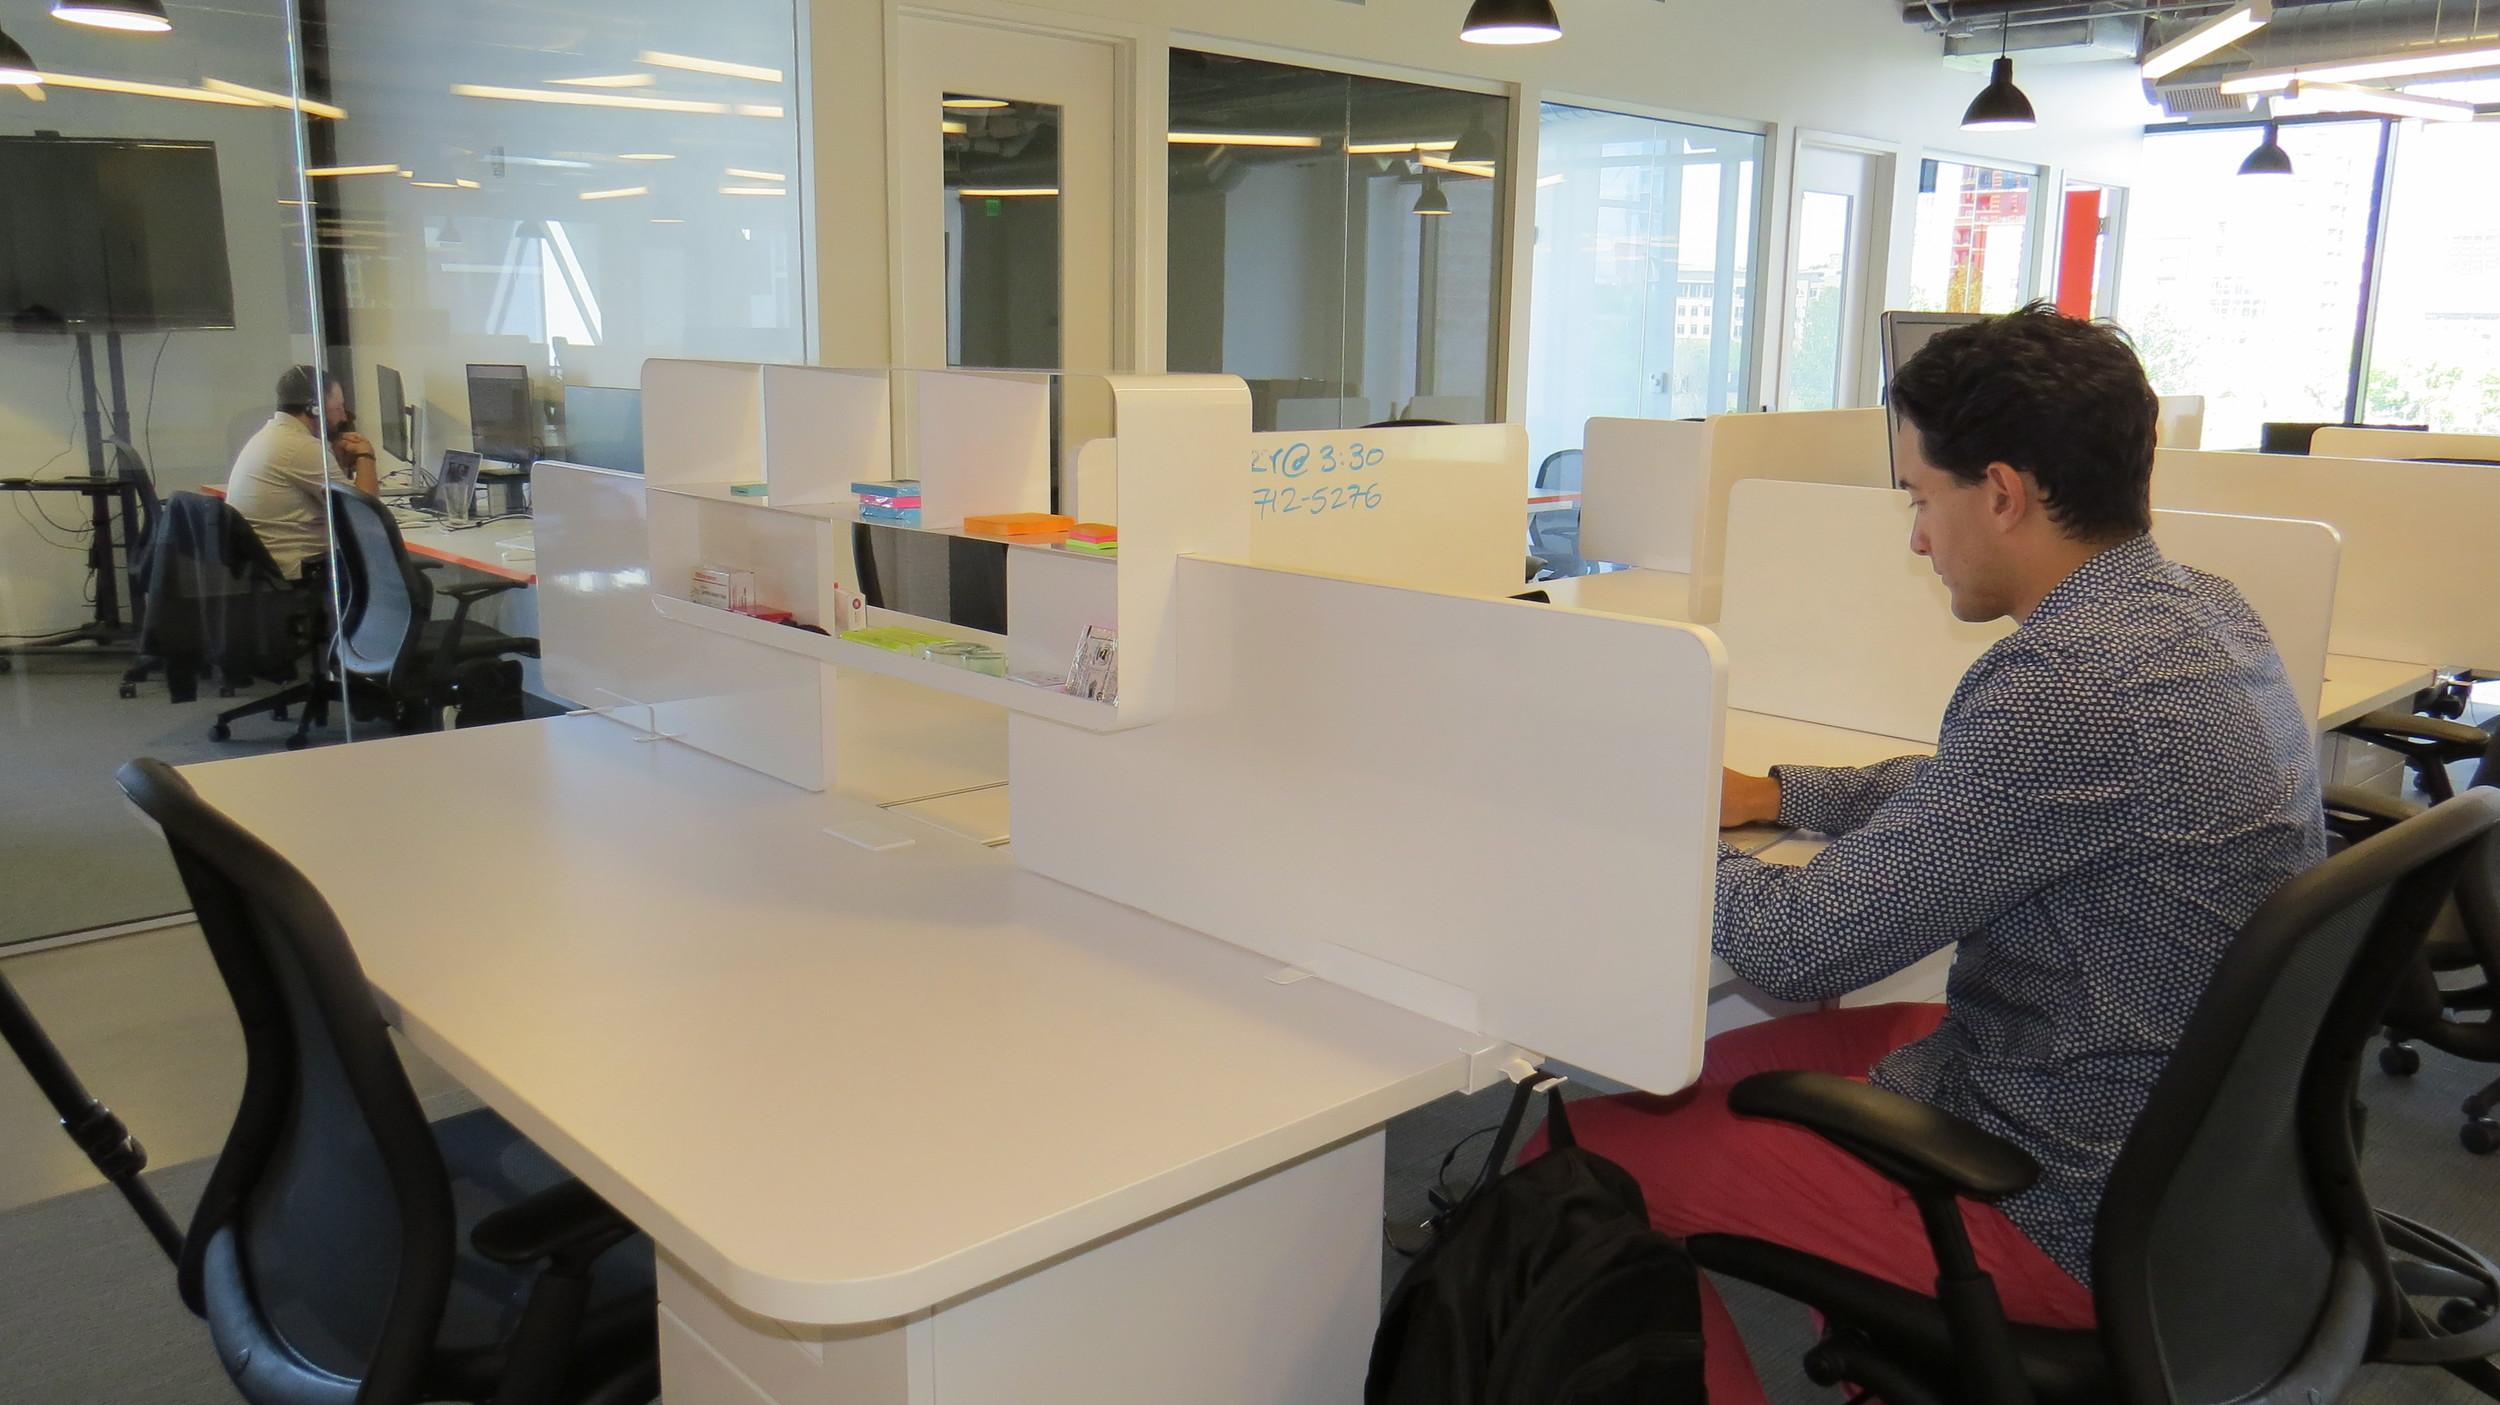 EYHOV Workstations